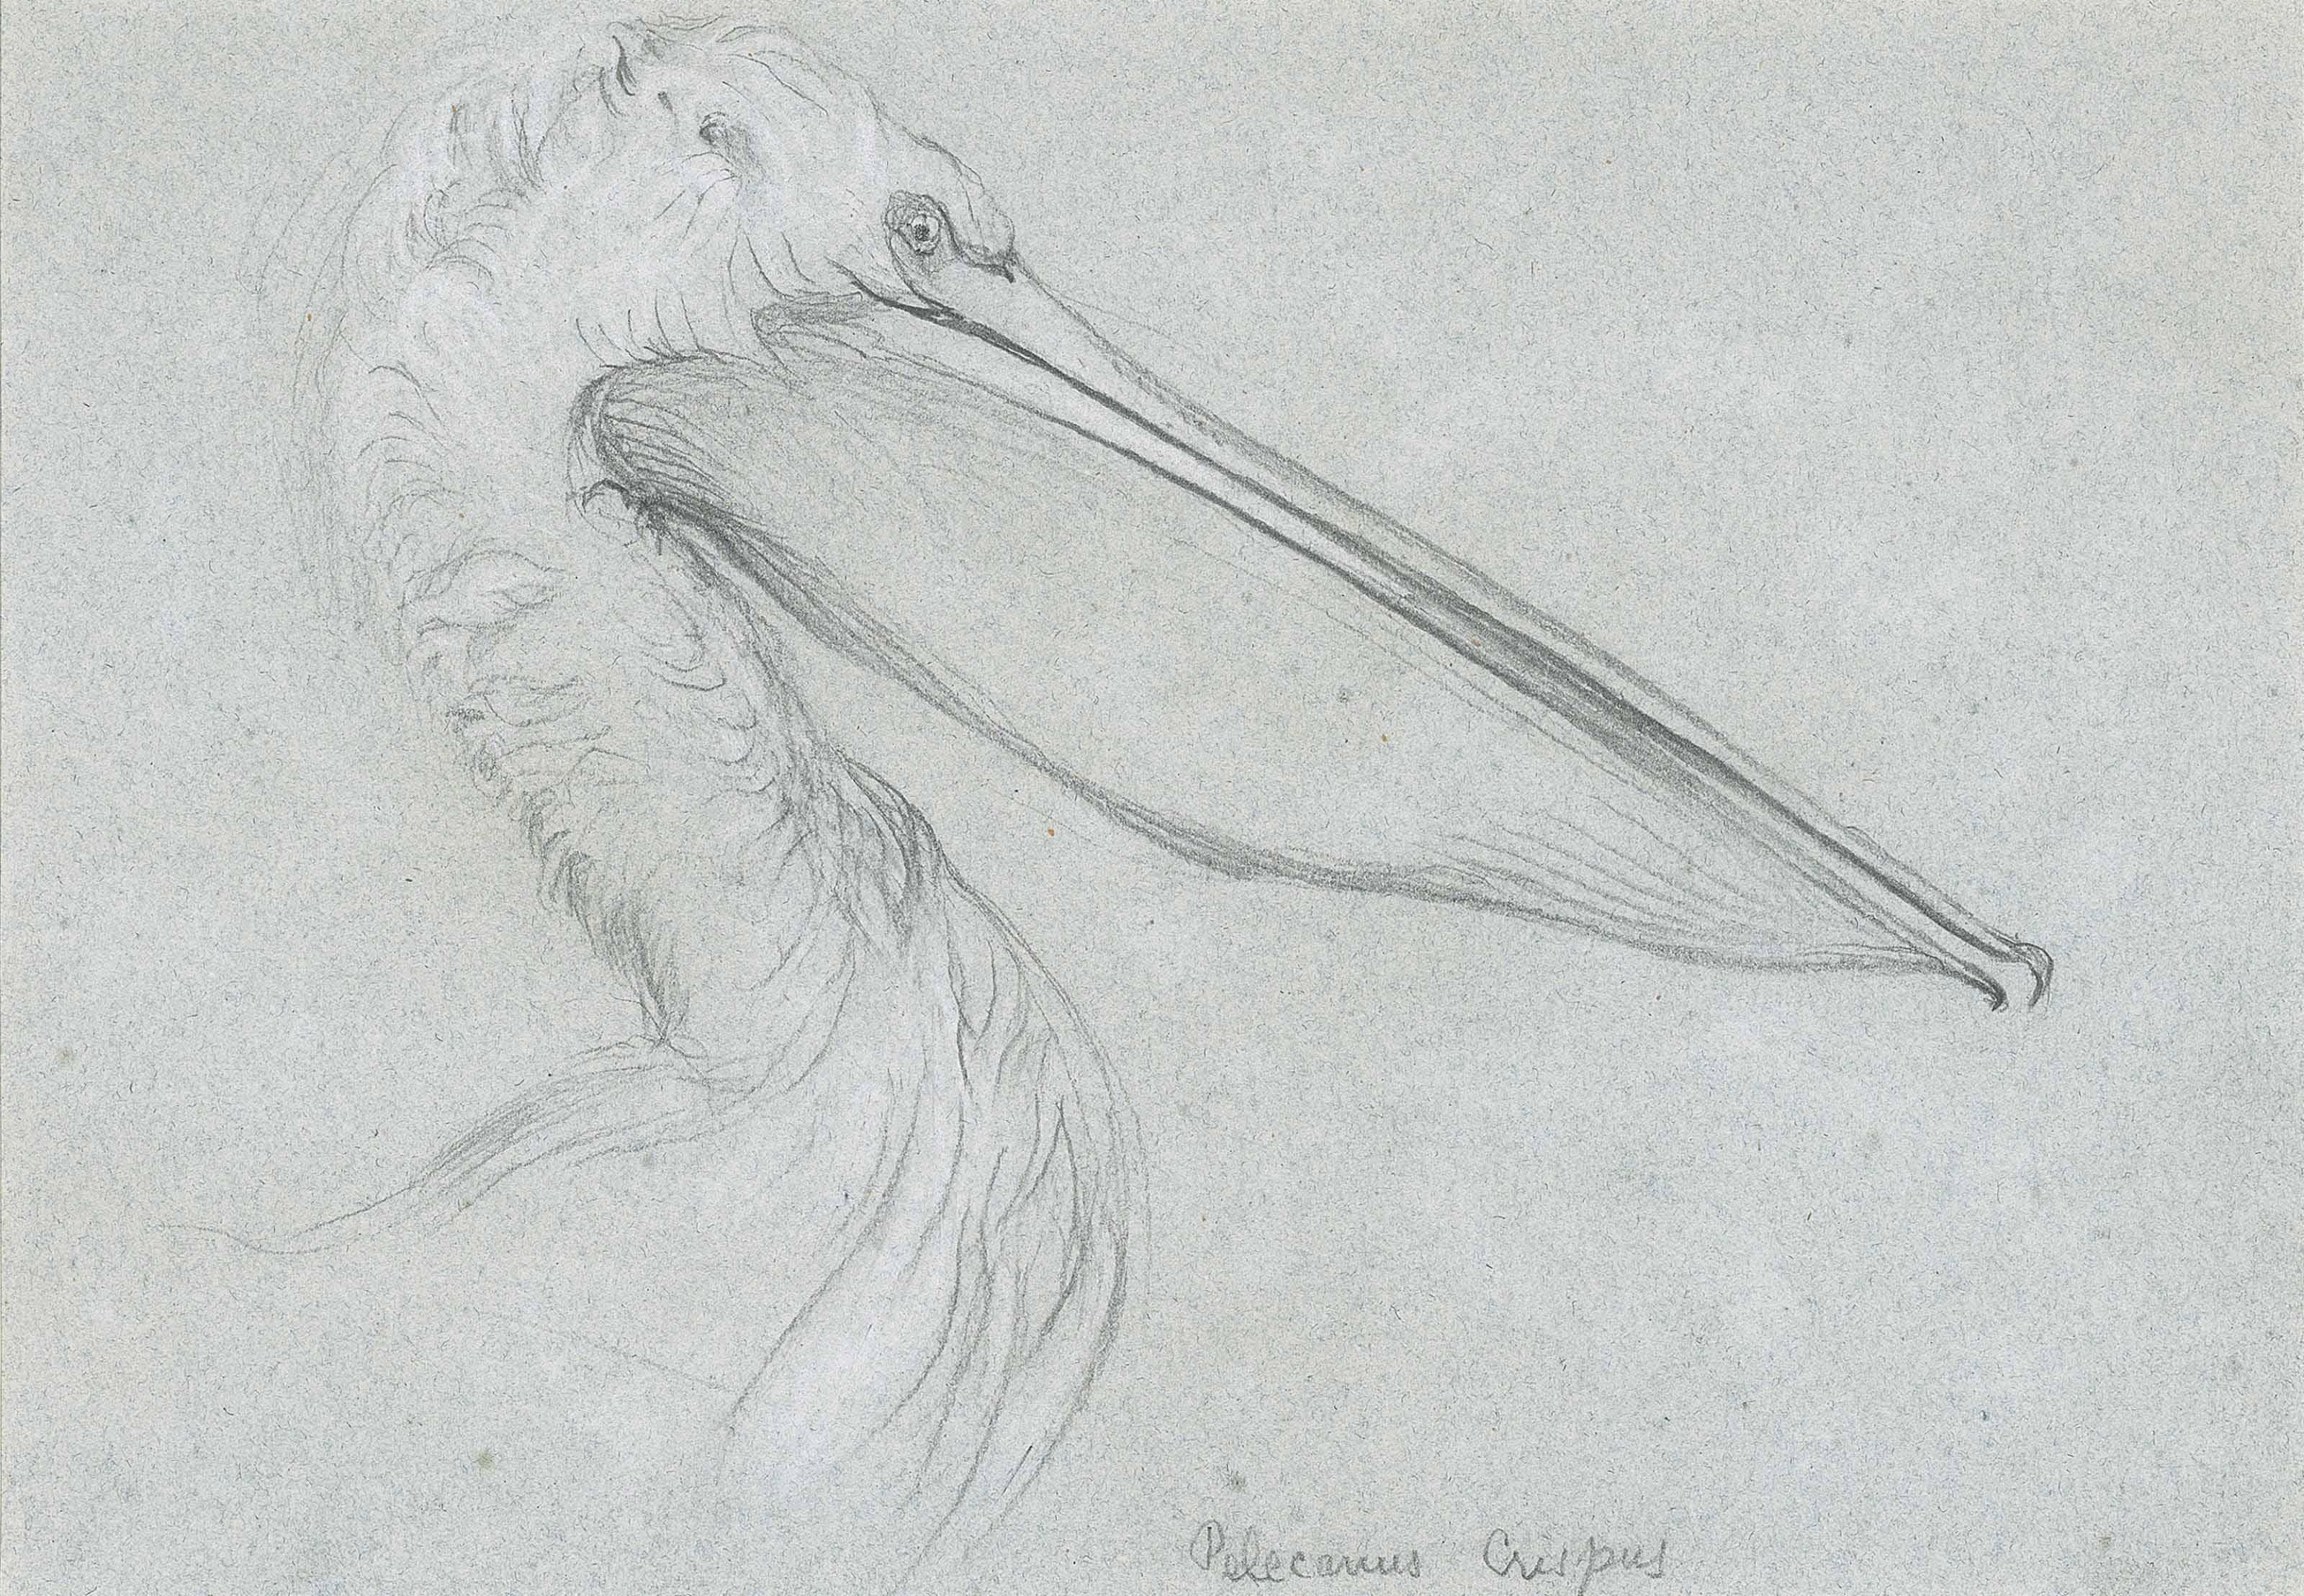 A Dalmatian Pelican